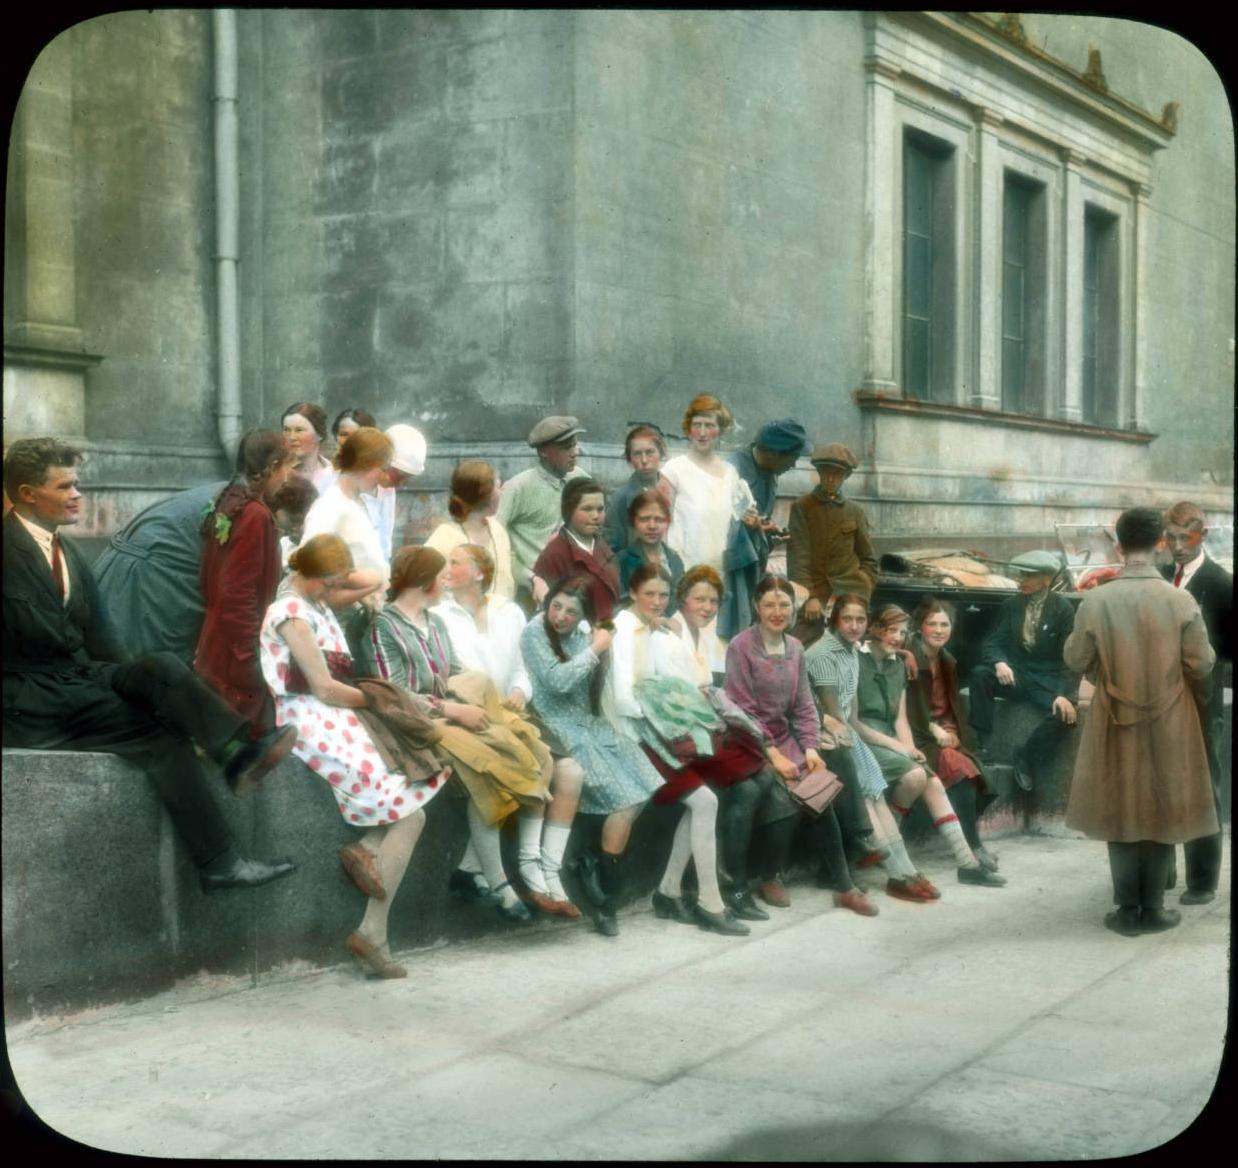 Санкт-Петербург. Эрмитаж (Новый Эрмитаж), посетители возле музея